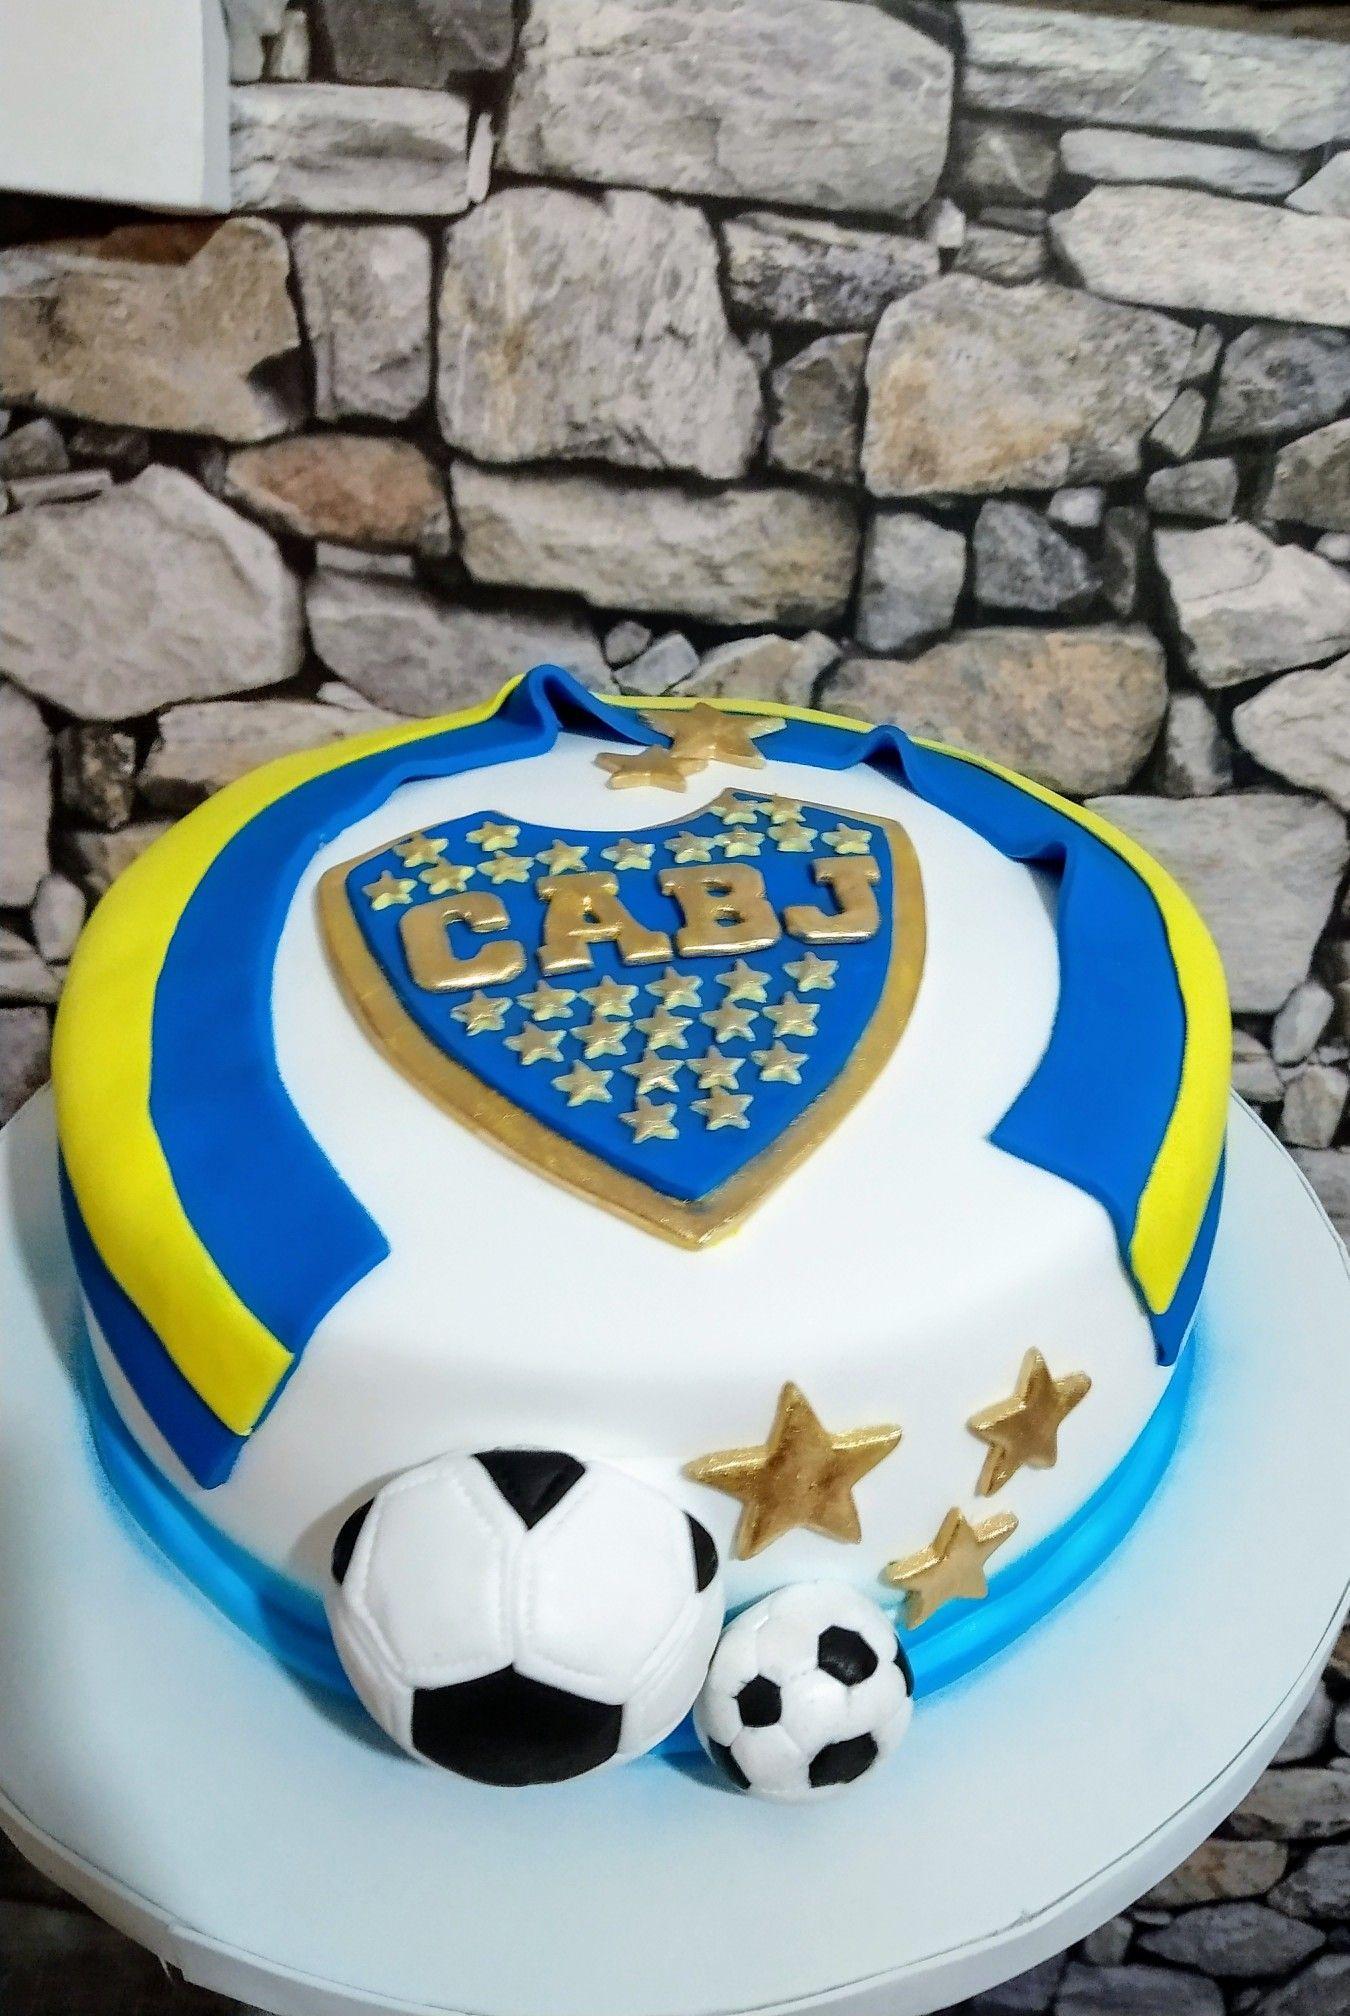 Torta De Boca Tortas De Boca Torta De Pelota Tortas